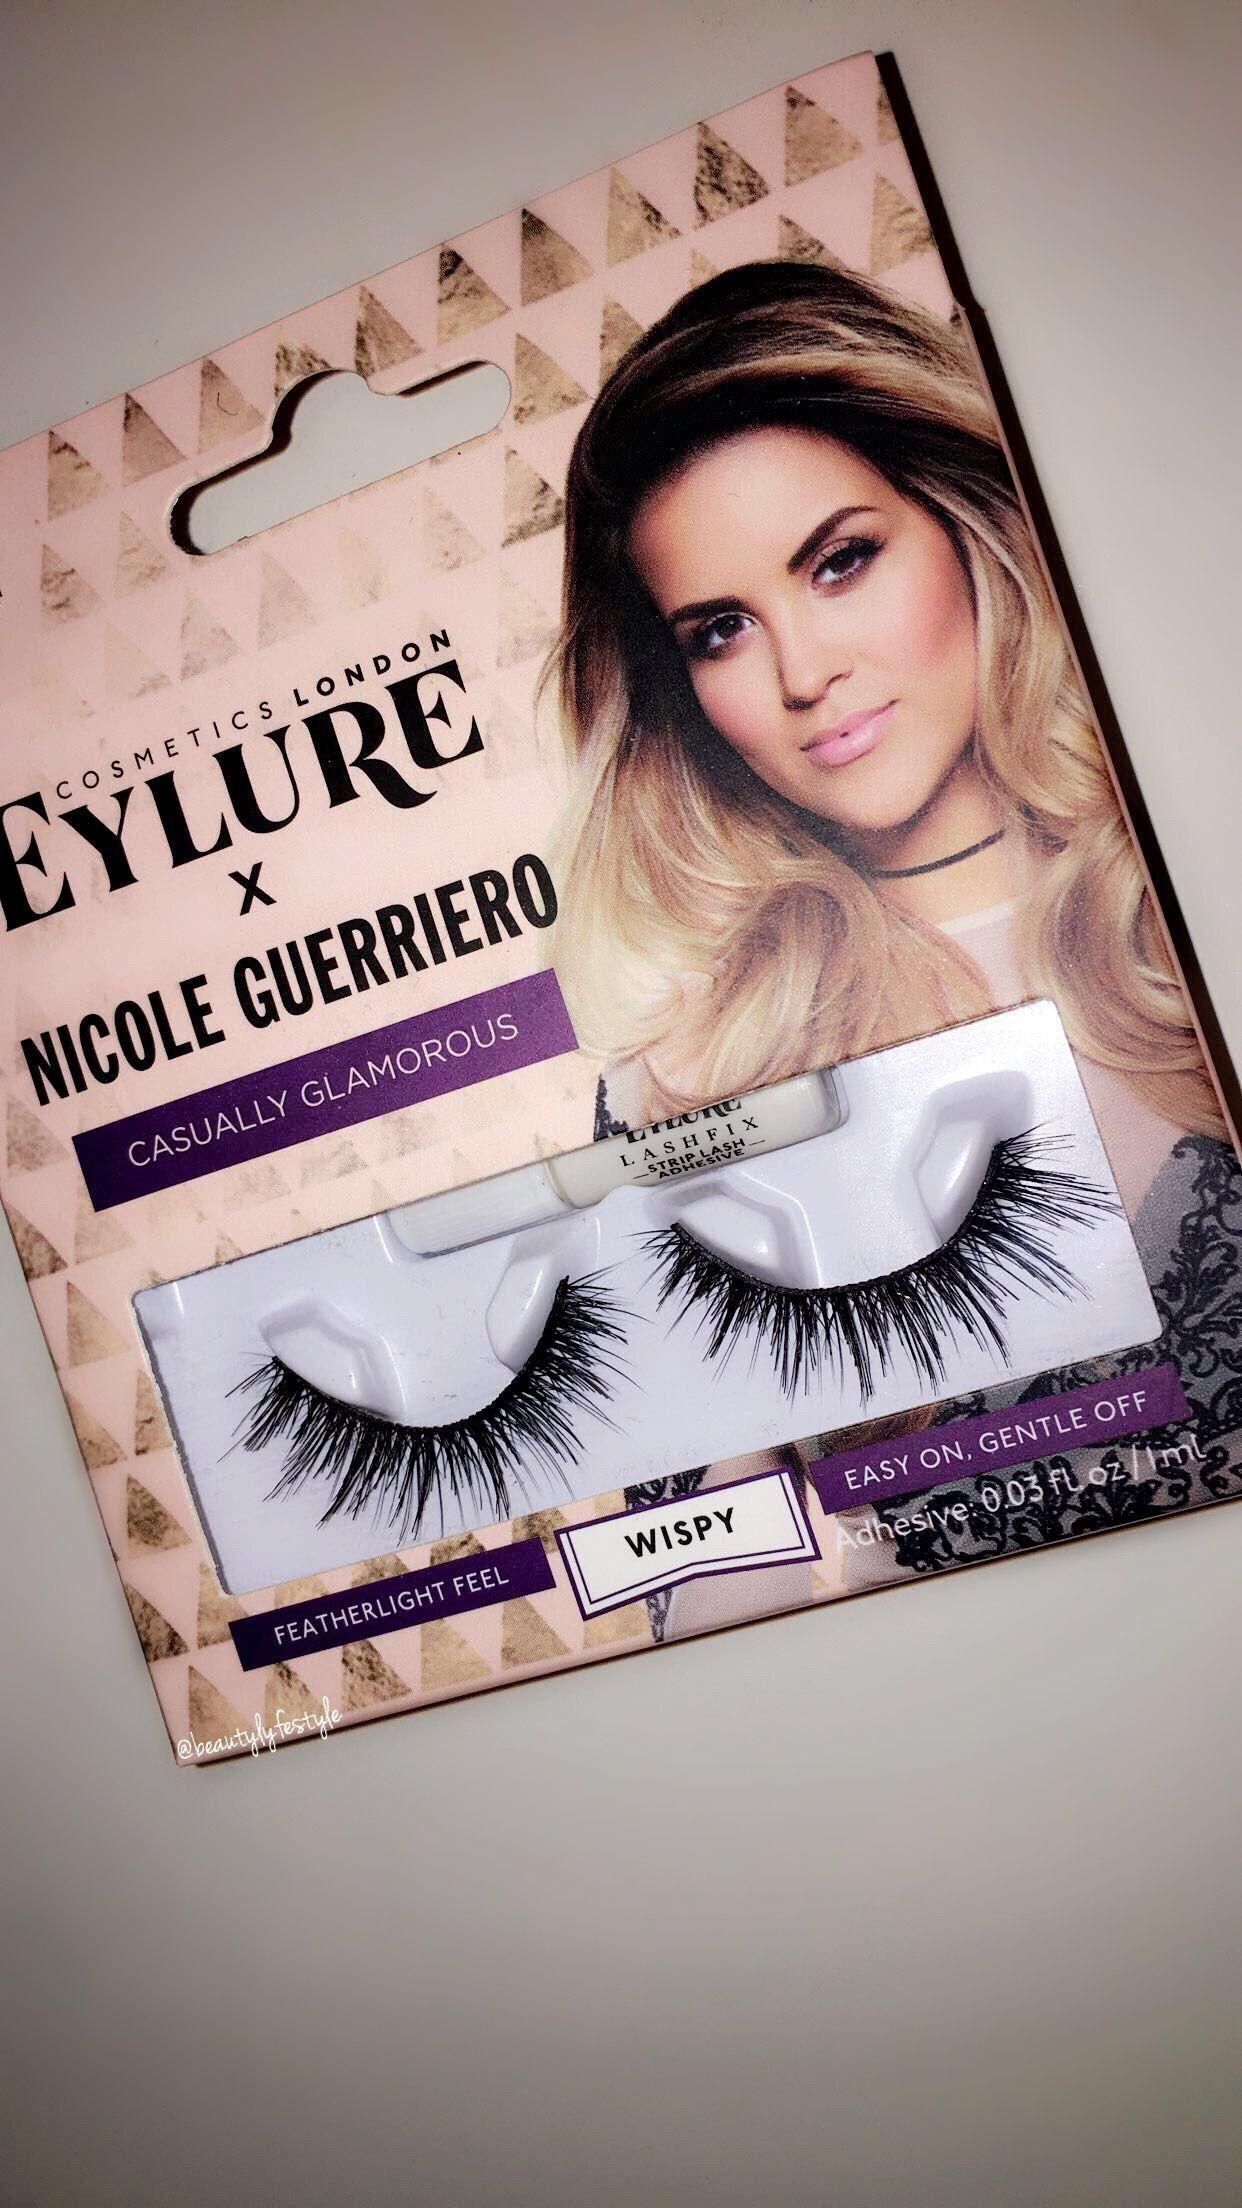 Eylure X Nicole Guerriero Eyelashes